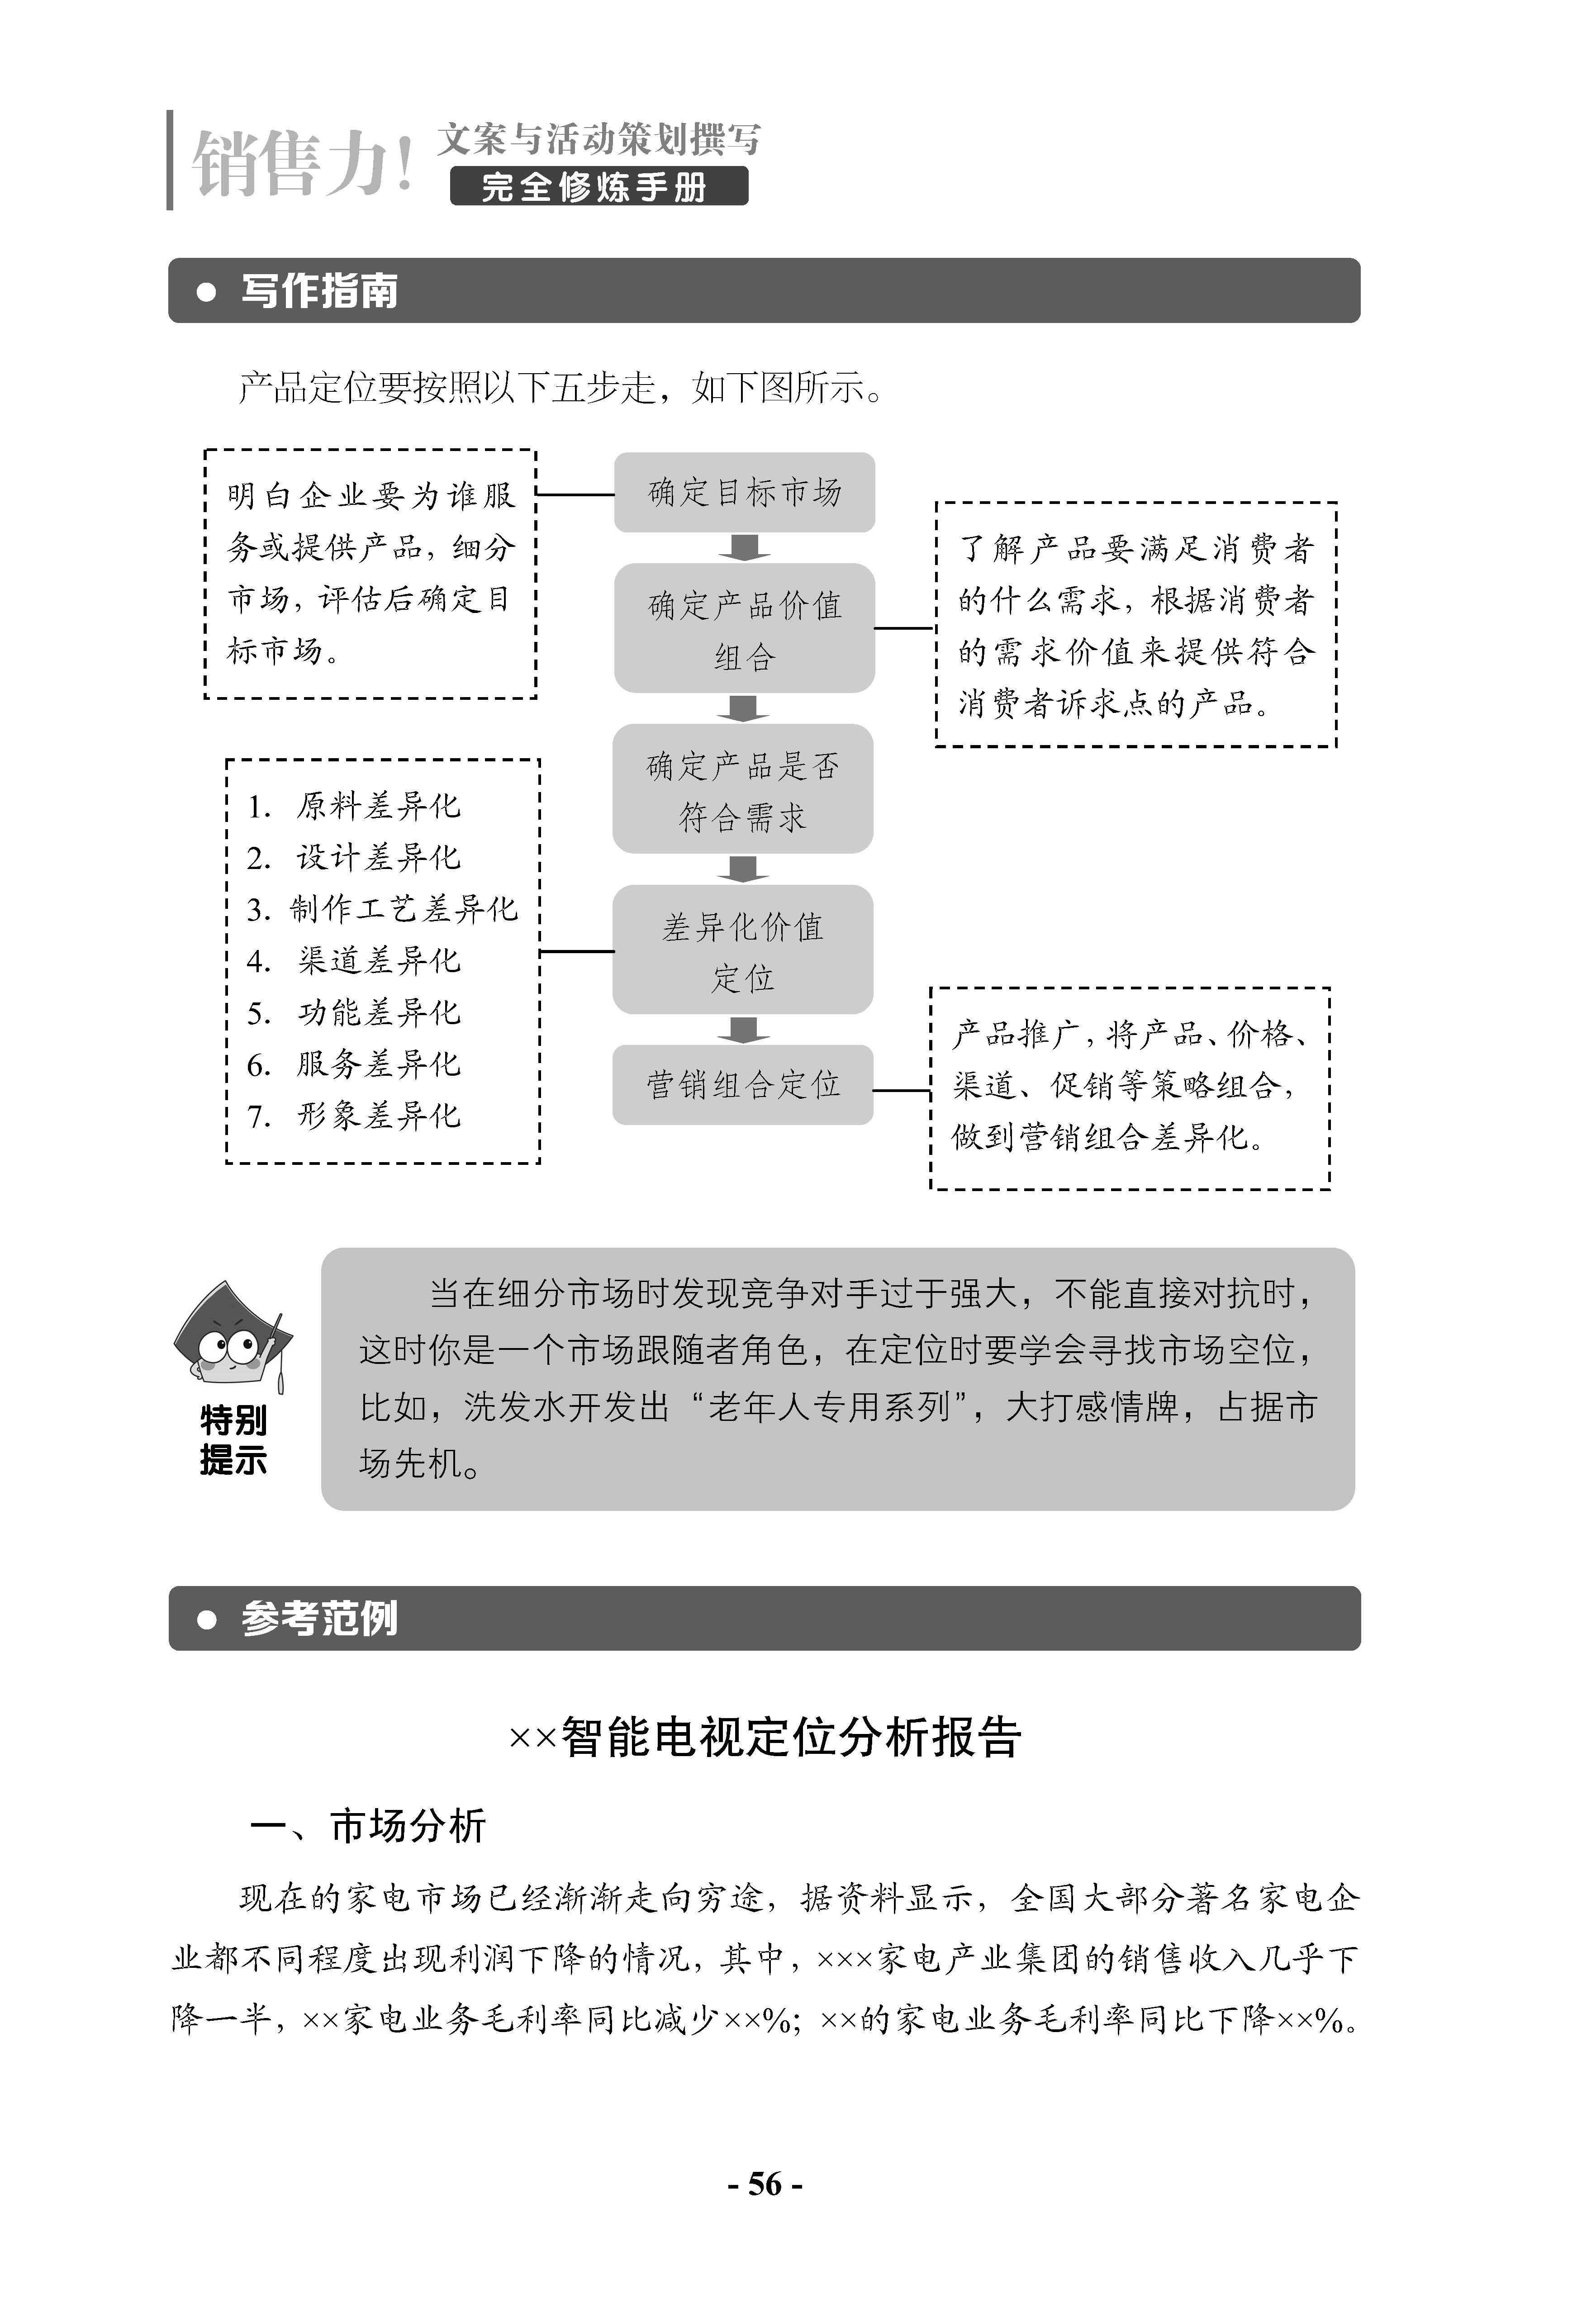 完整文案策划书_文案推广策划书_培训策划书的策划书